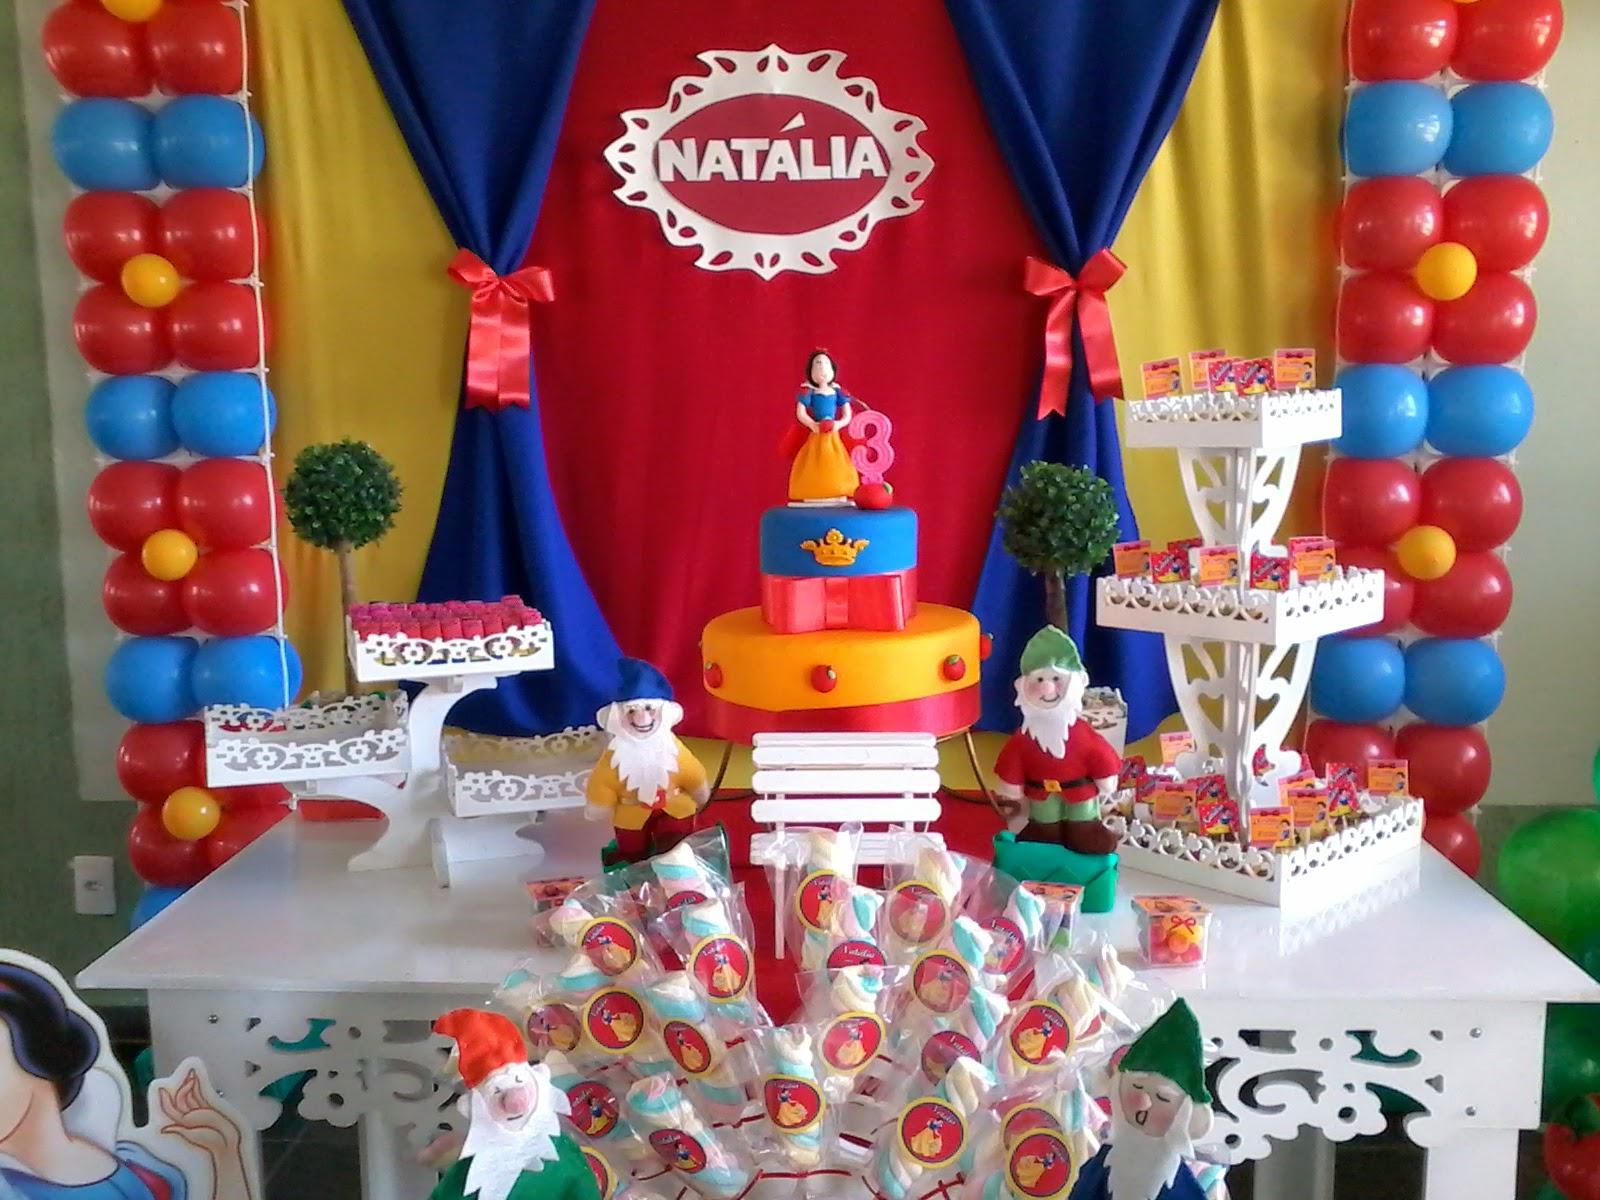 decoracao festa infantil branca de neve provencal:são pirulitos, gominhas, mashemelow, chocolates que juntos ao bolo